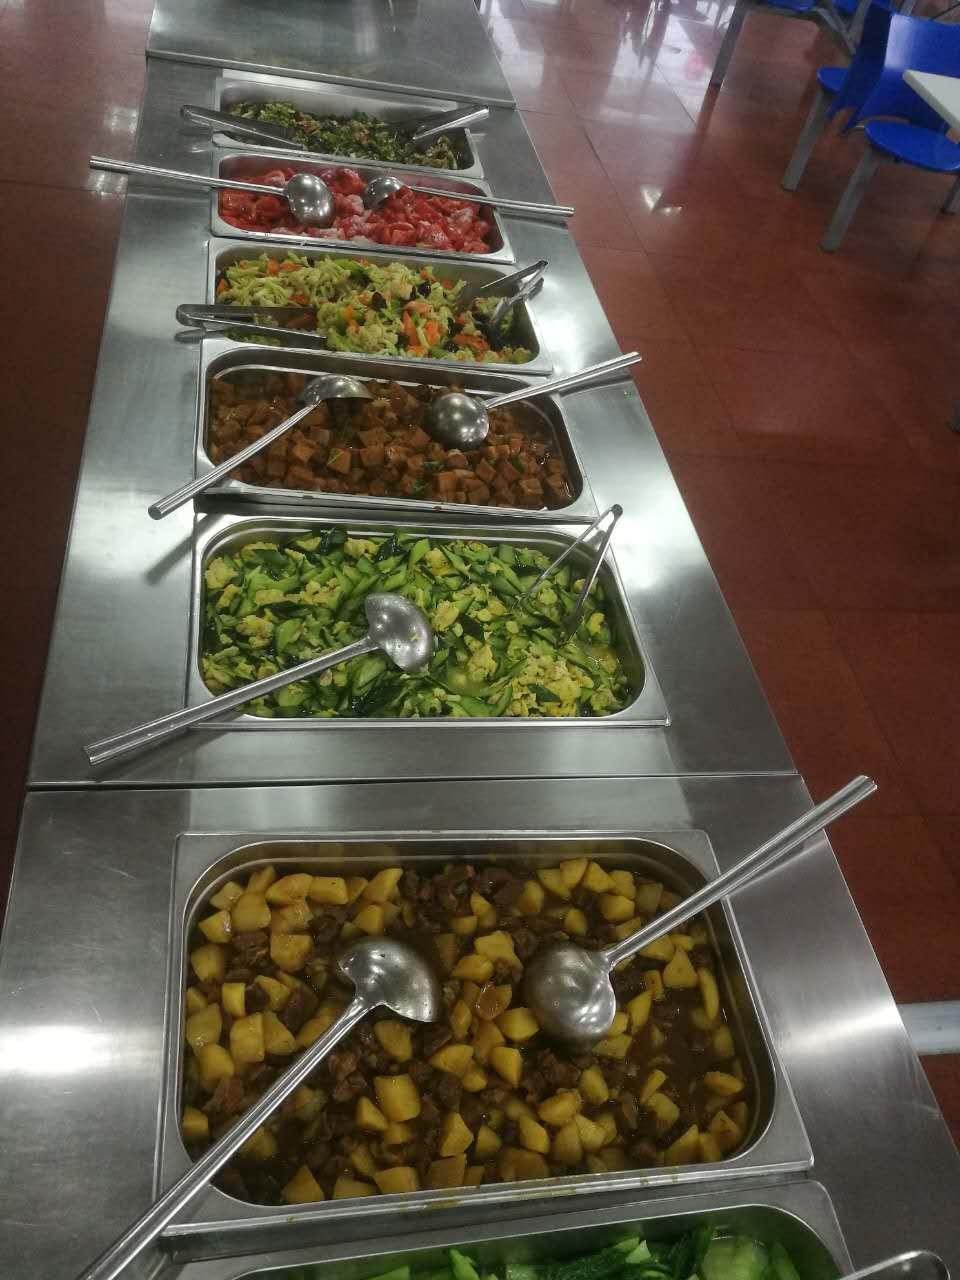 专业的食堂承包和齐利餐饮管理提供,价钱实惠食堂承包商家